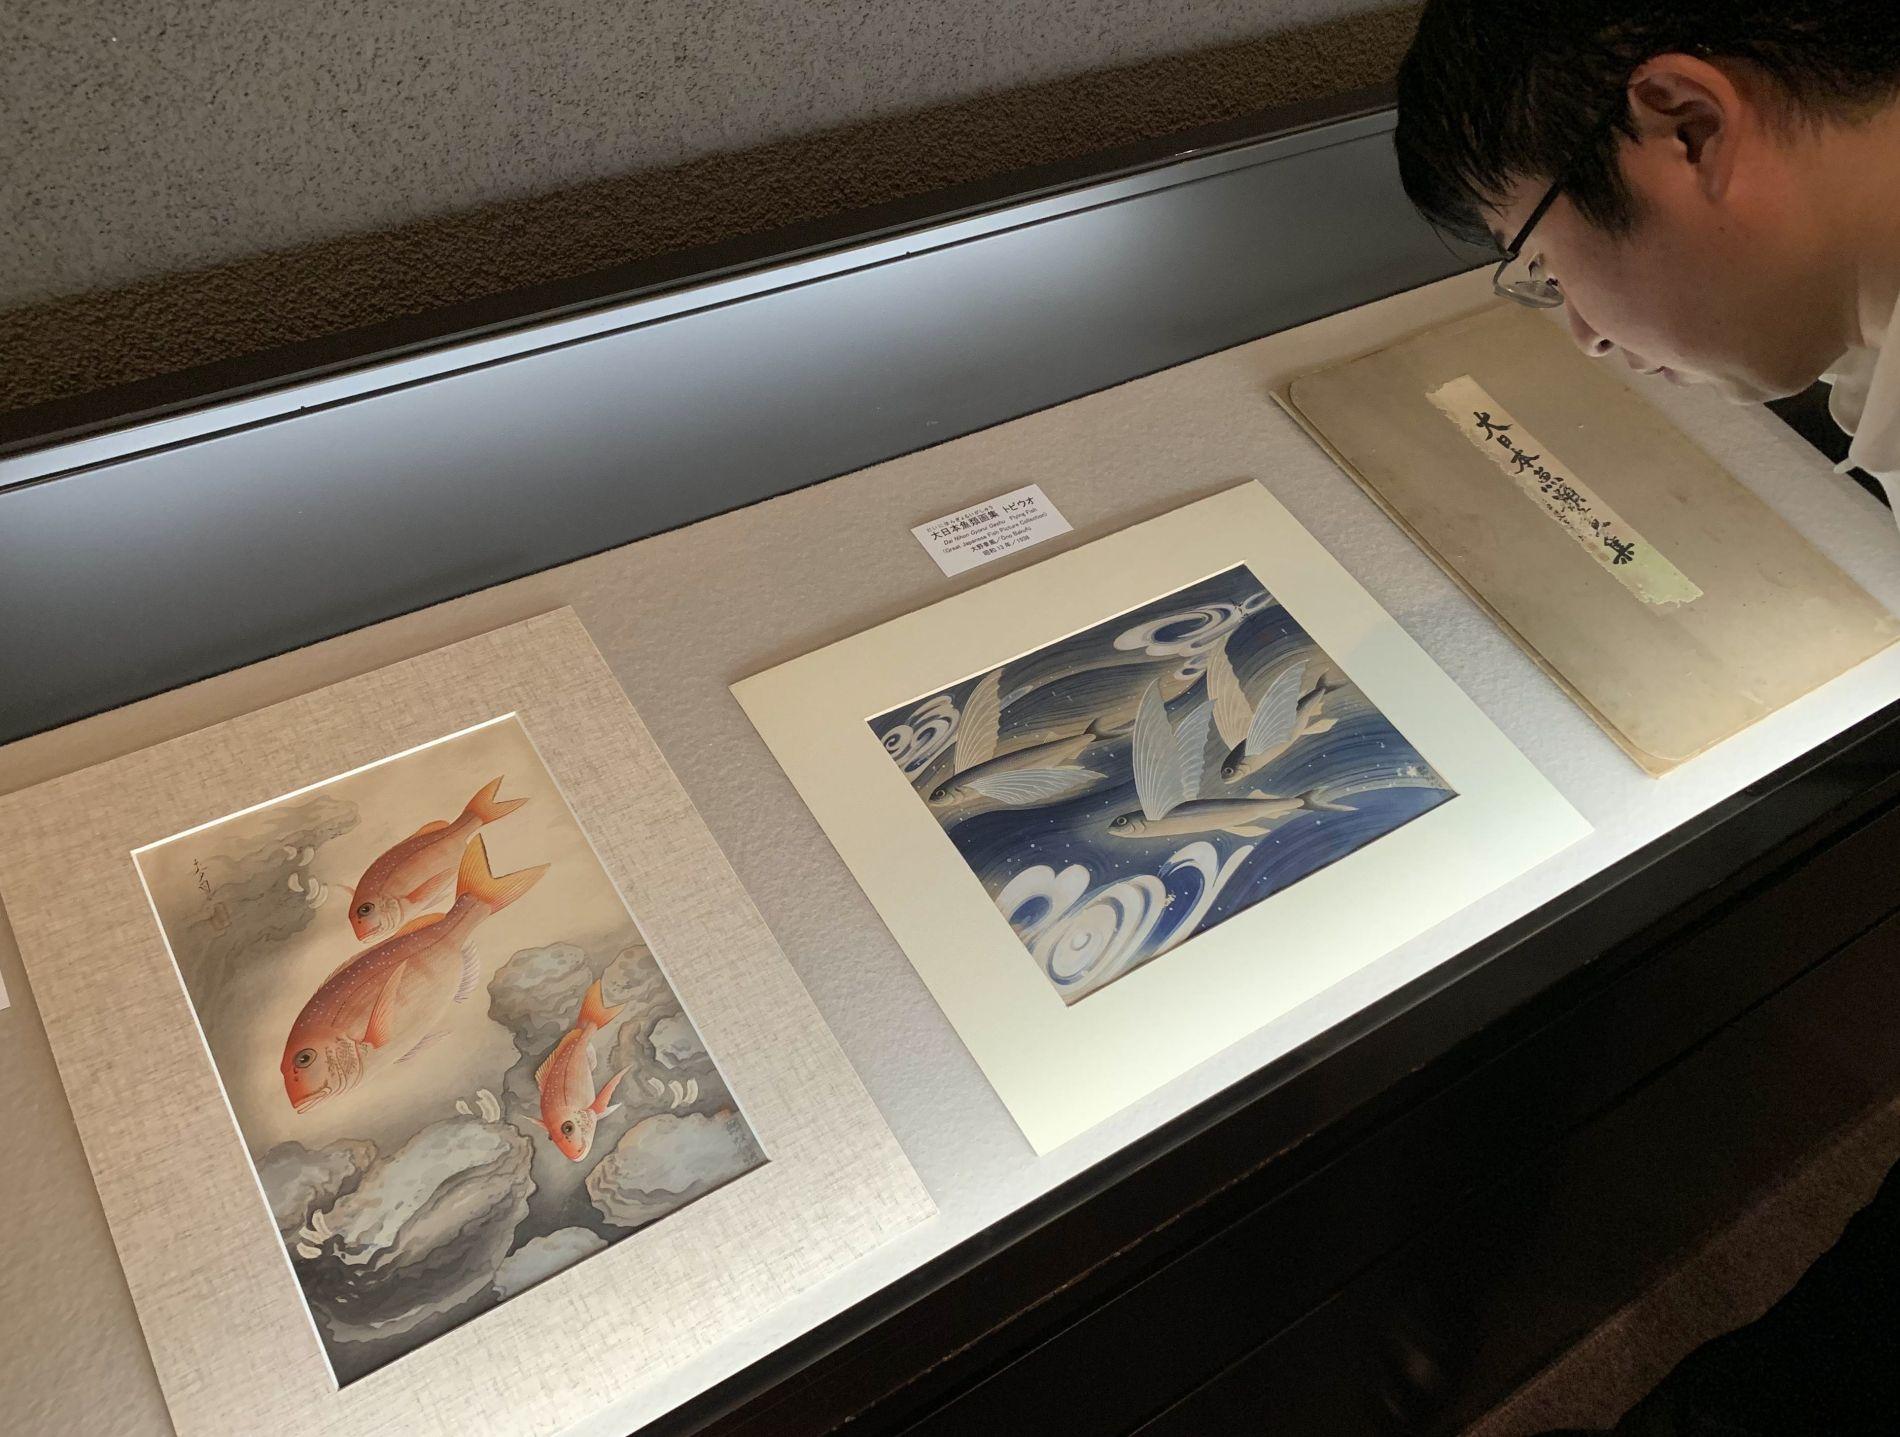 Japan Hakushika Memorial Sake Museum Exhibit Animals Depicted in Japanese Art 005